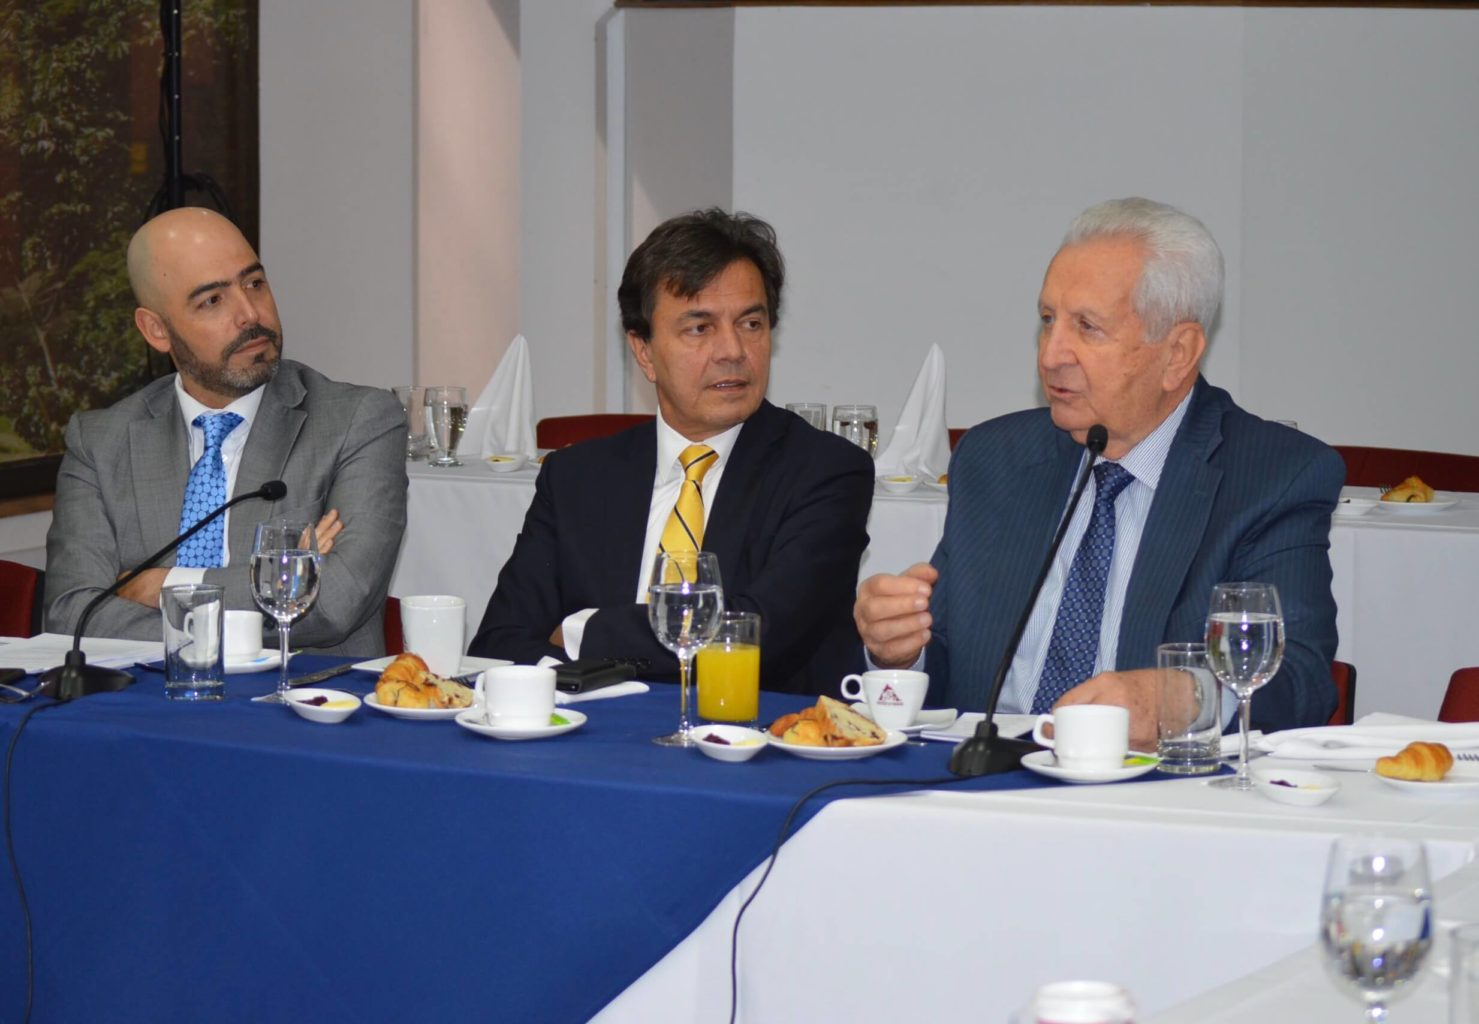 La Junta Directiva de la SAC elige nueva mesa directiva para el periodo 2019 – 2021